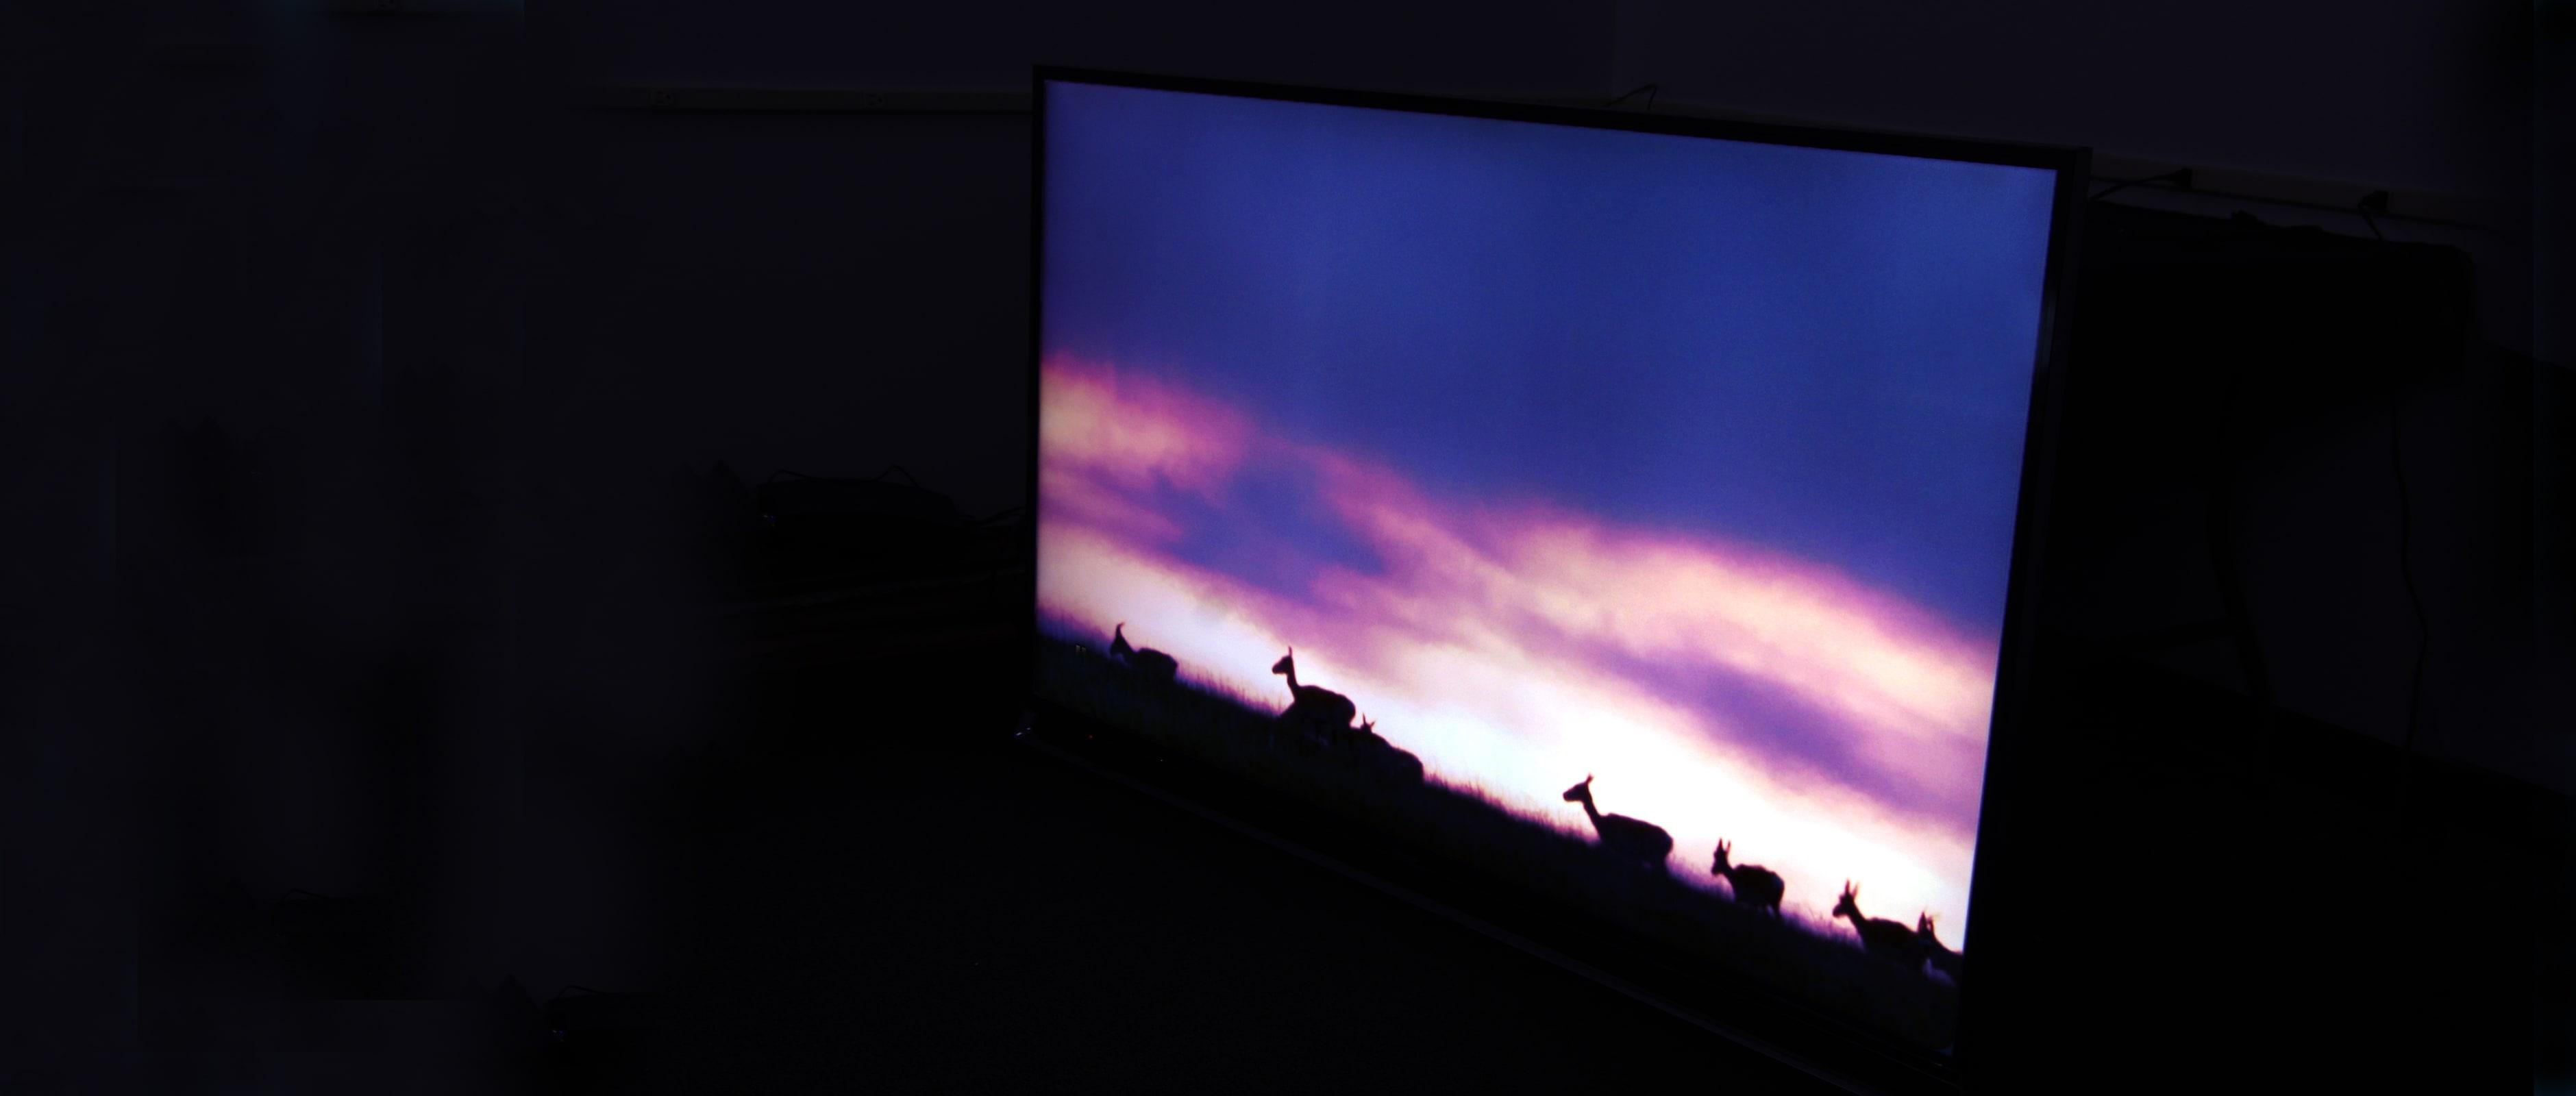 The Panasonic TC-65AX800U 4K LED LCD TV